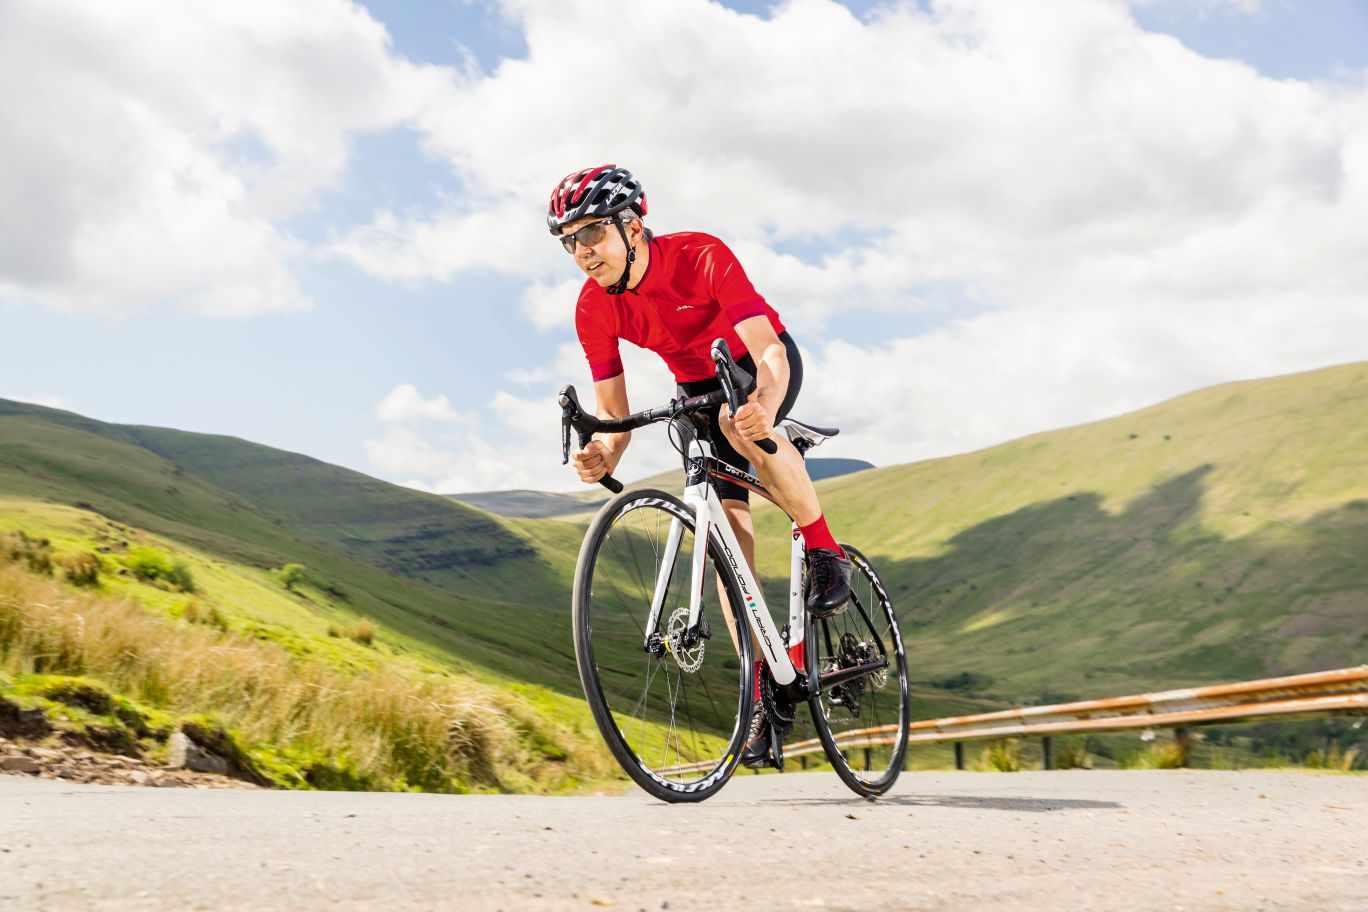 Cycling Plus Deputy Editor Paul Robson